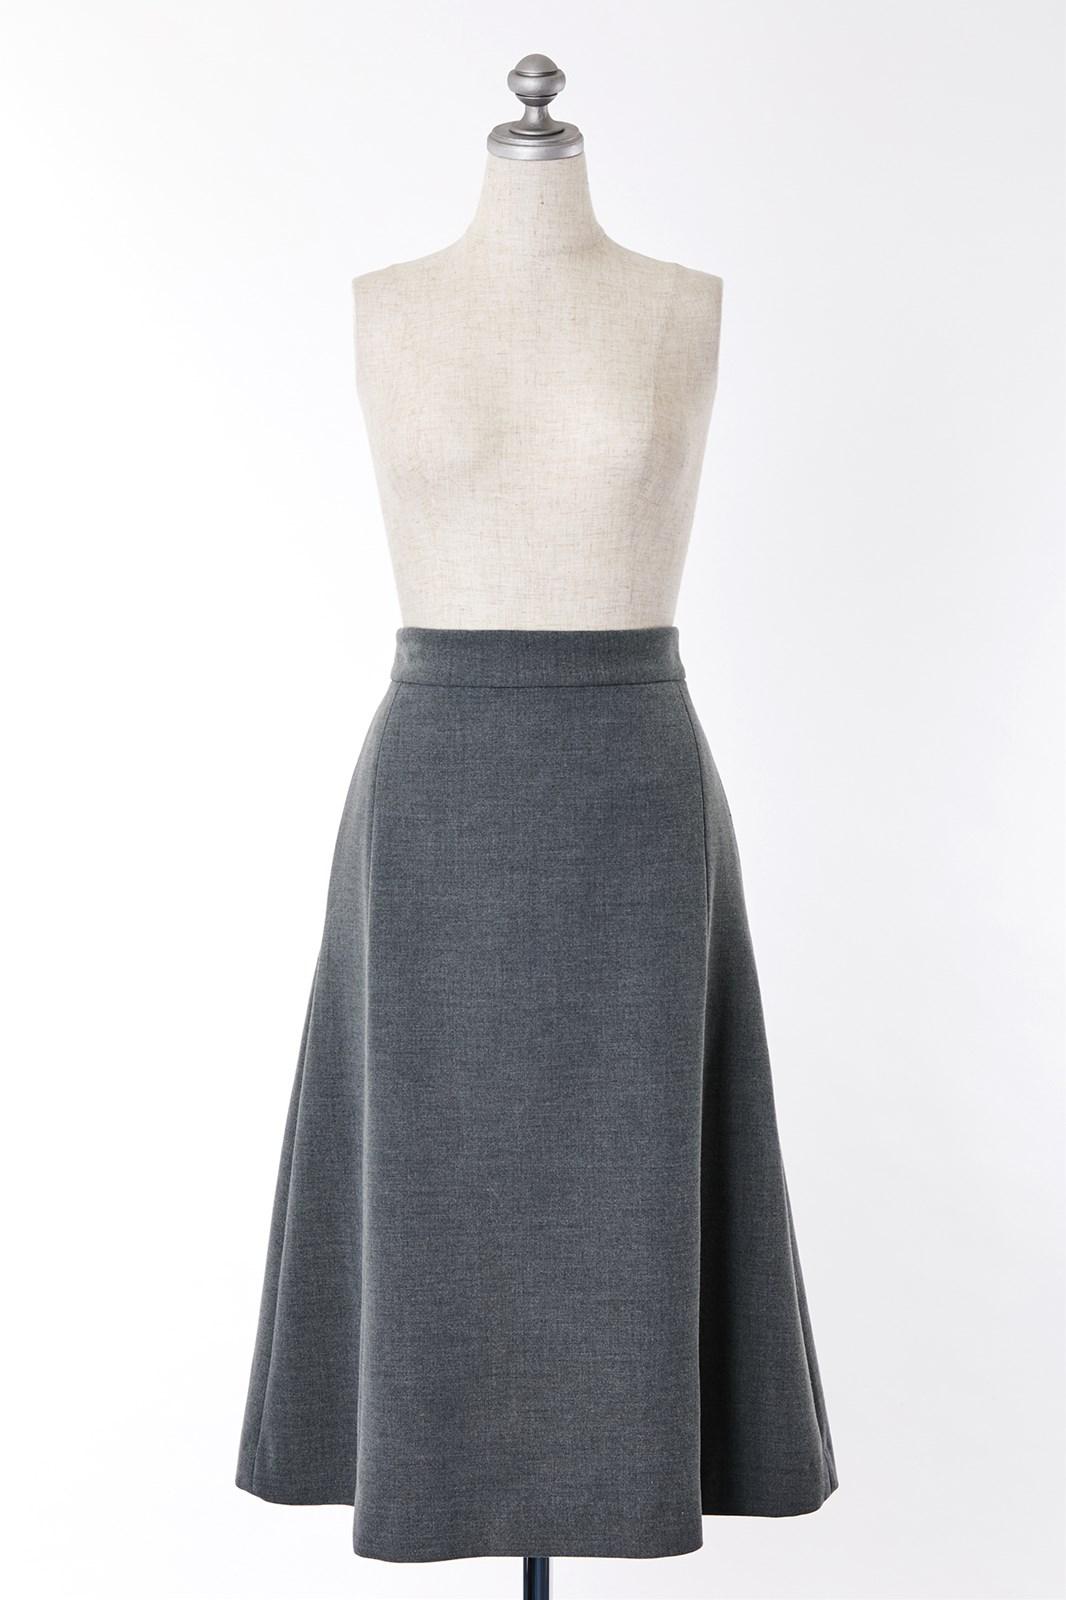 SK600074 THE IRON グレースカート